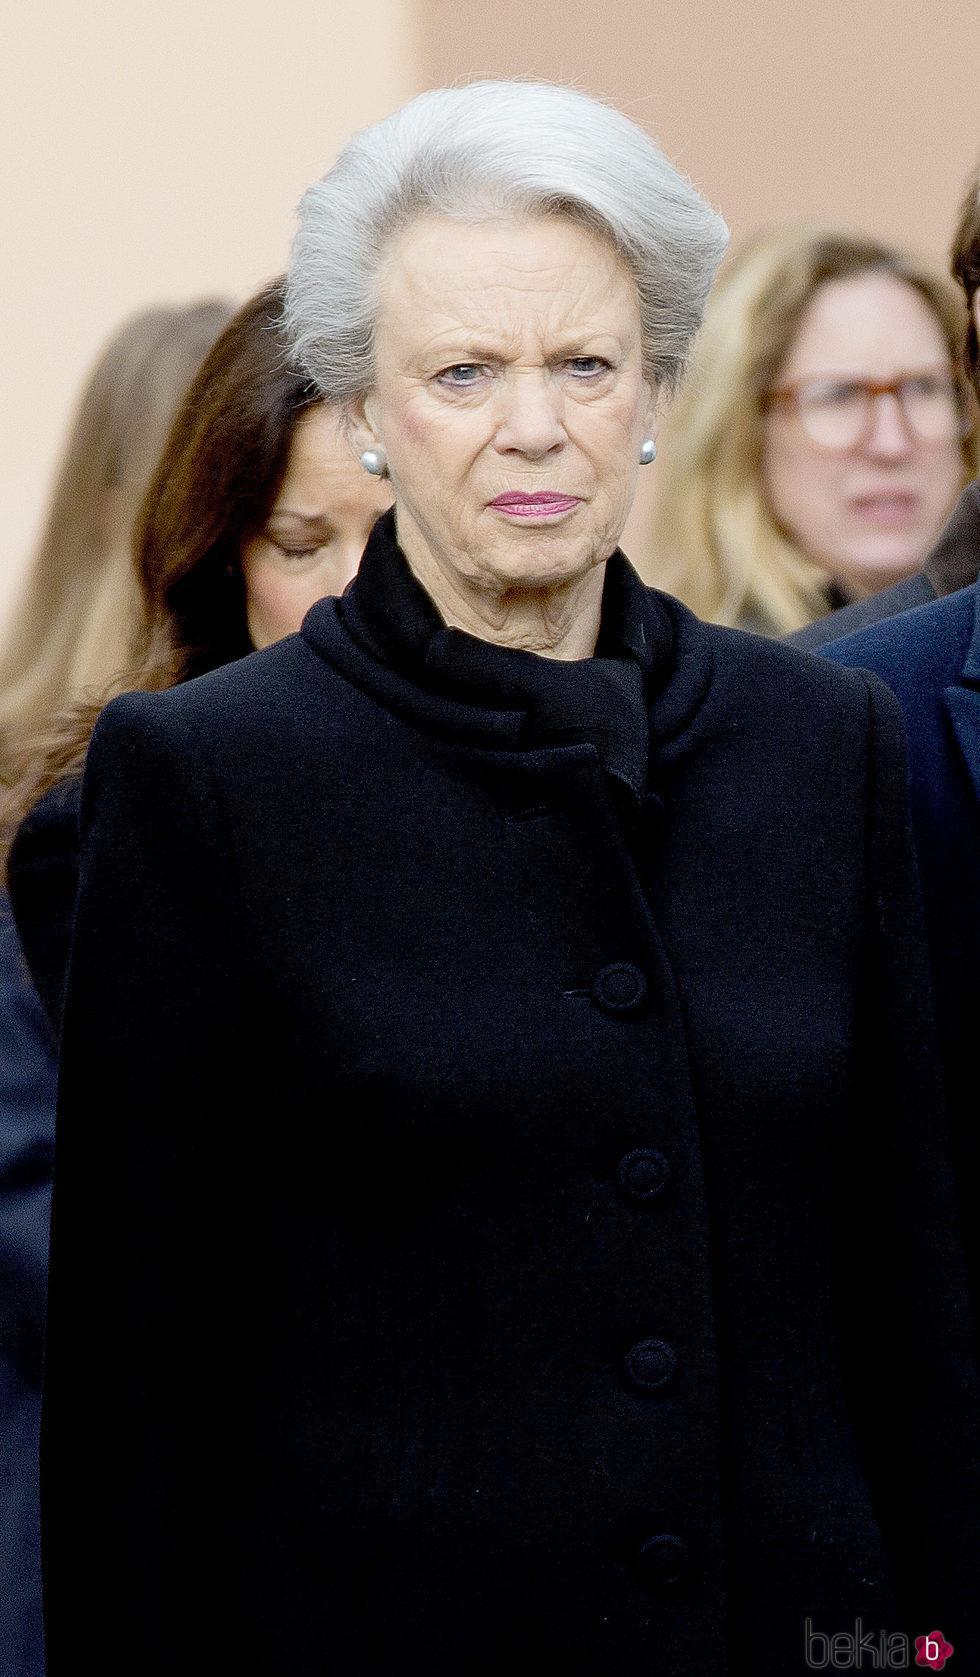 Benedicta de Dinamarca en el funeral de su esposo, el Príncipe alemán Richard zu Sayn-Wittgenstein Berleburg